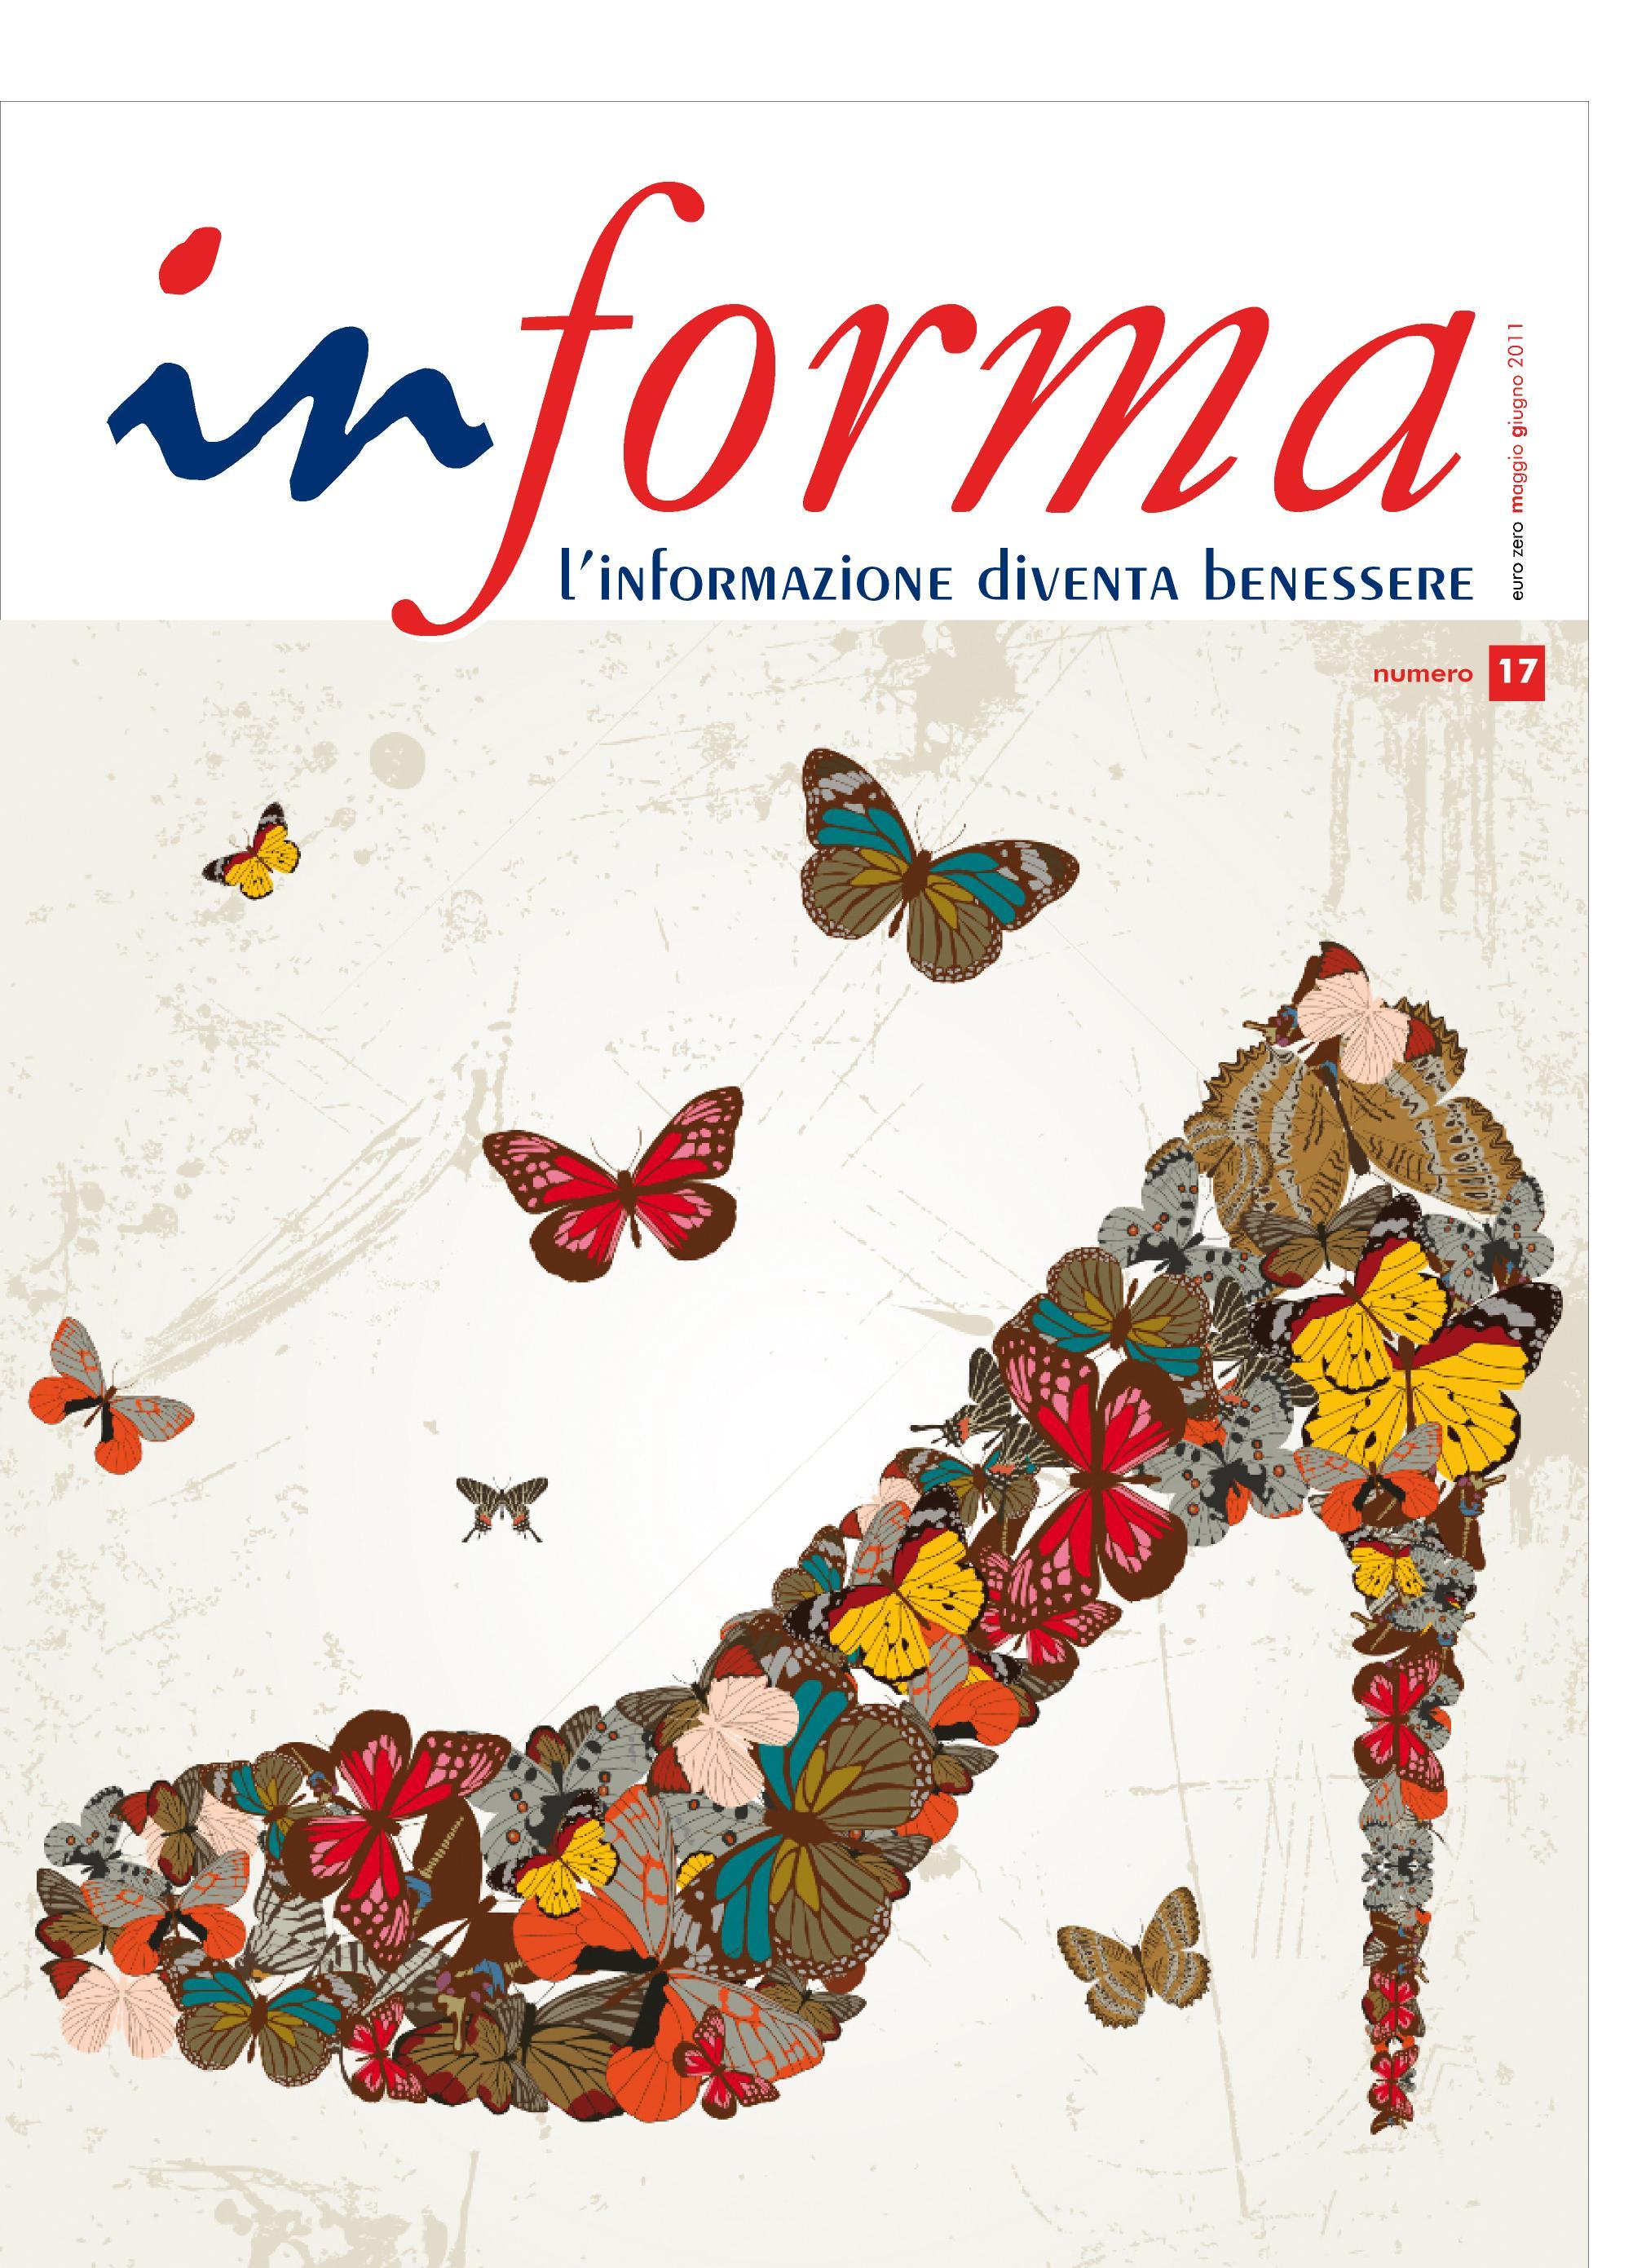 La copertina rappresenta una scarpa da donna creata da un insieme di farfalle colorate